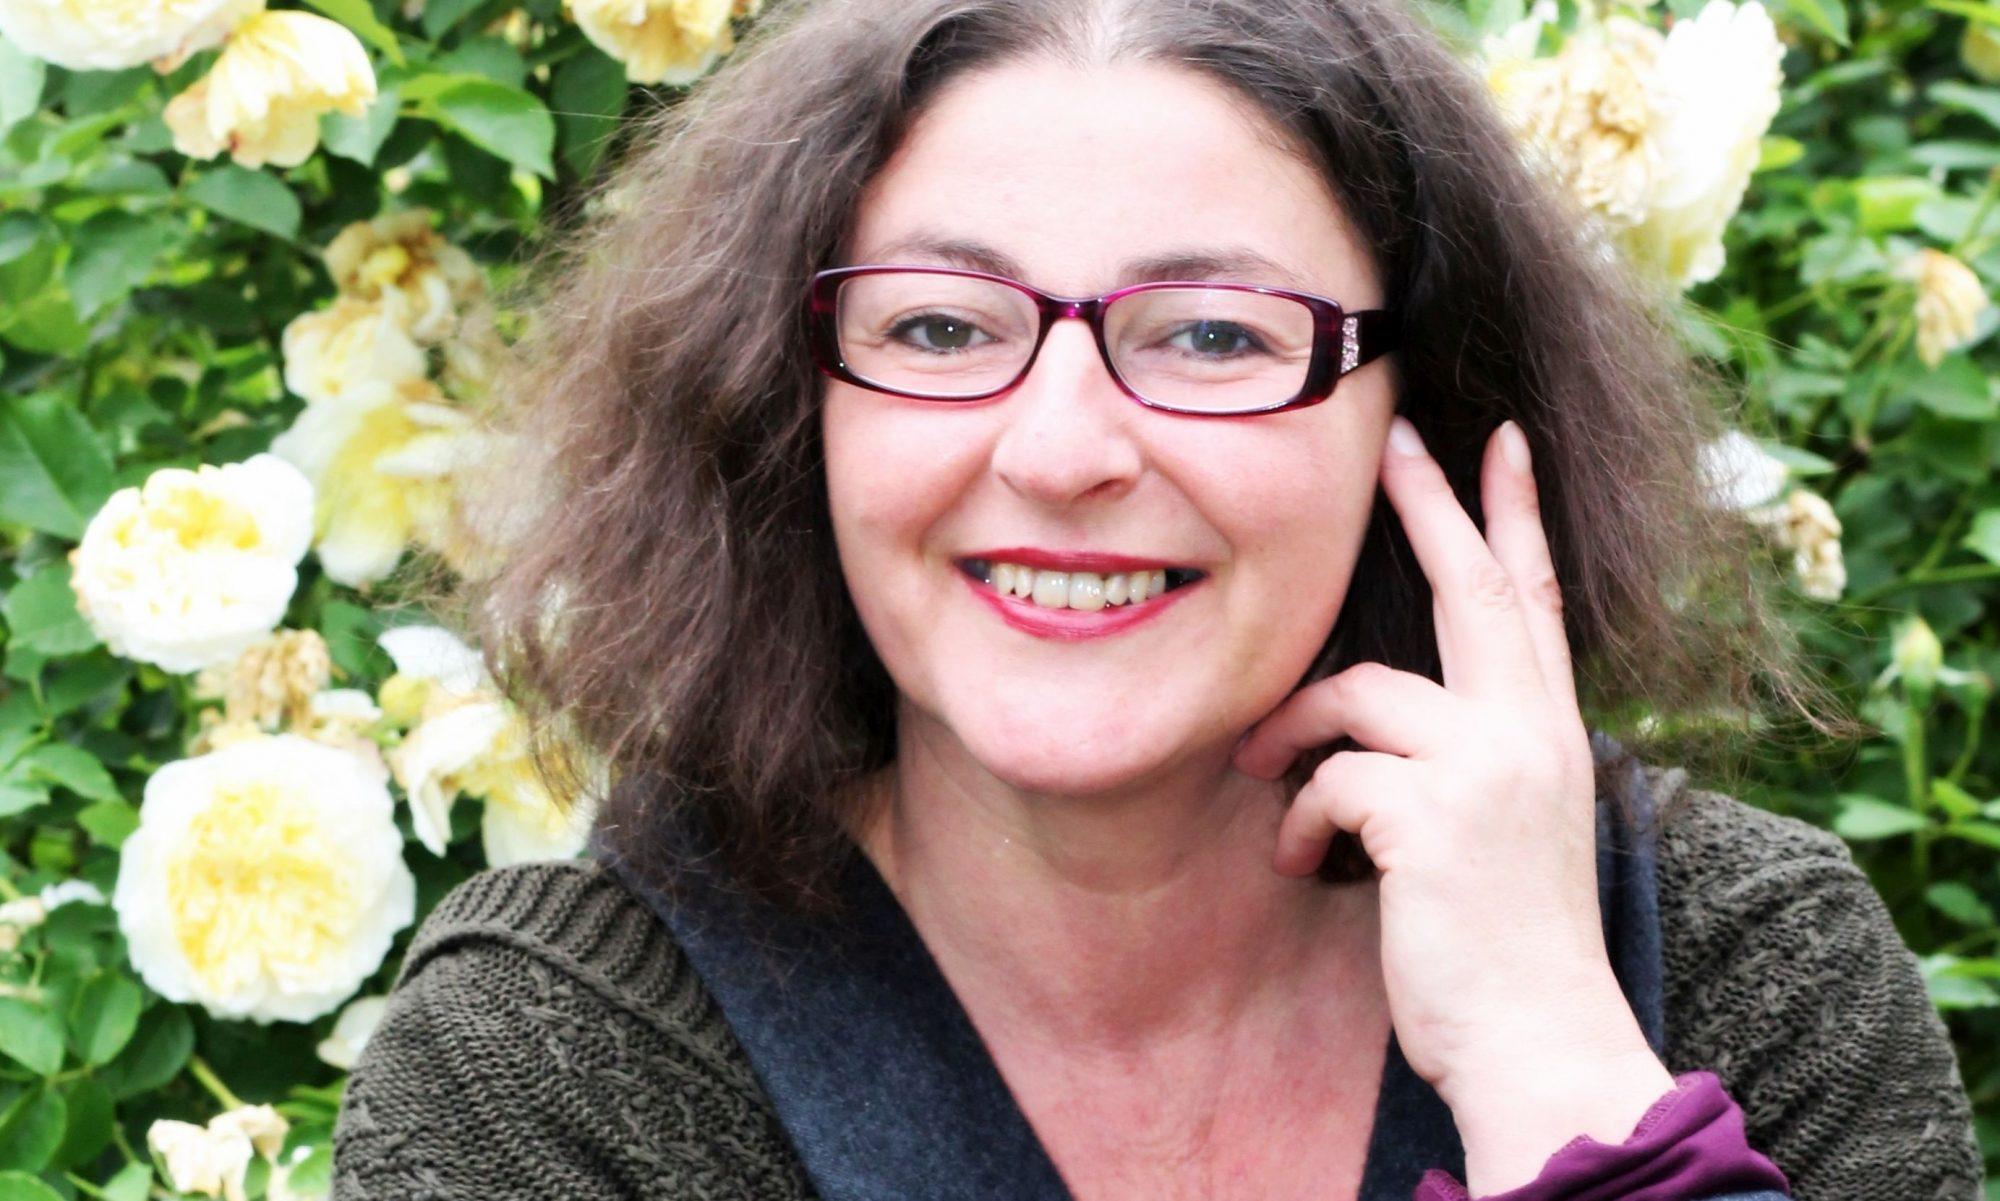 Manuela Pusker